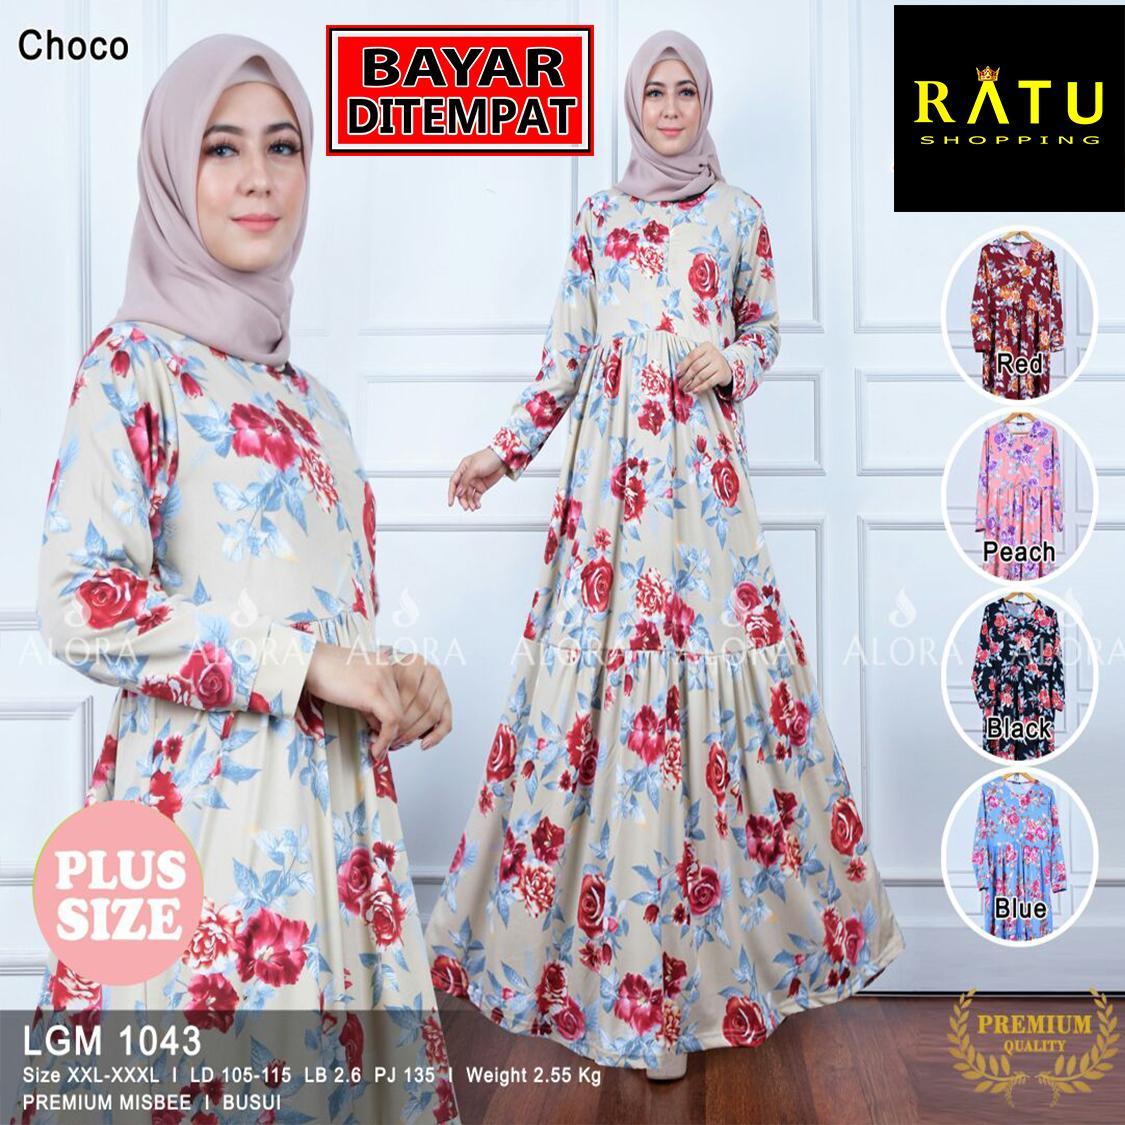 RATU SHOPPING Gamis motif bunga big size jumbo XXL XXXL super besar ramadhan ceria untuk lebaran LGM1043